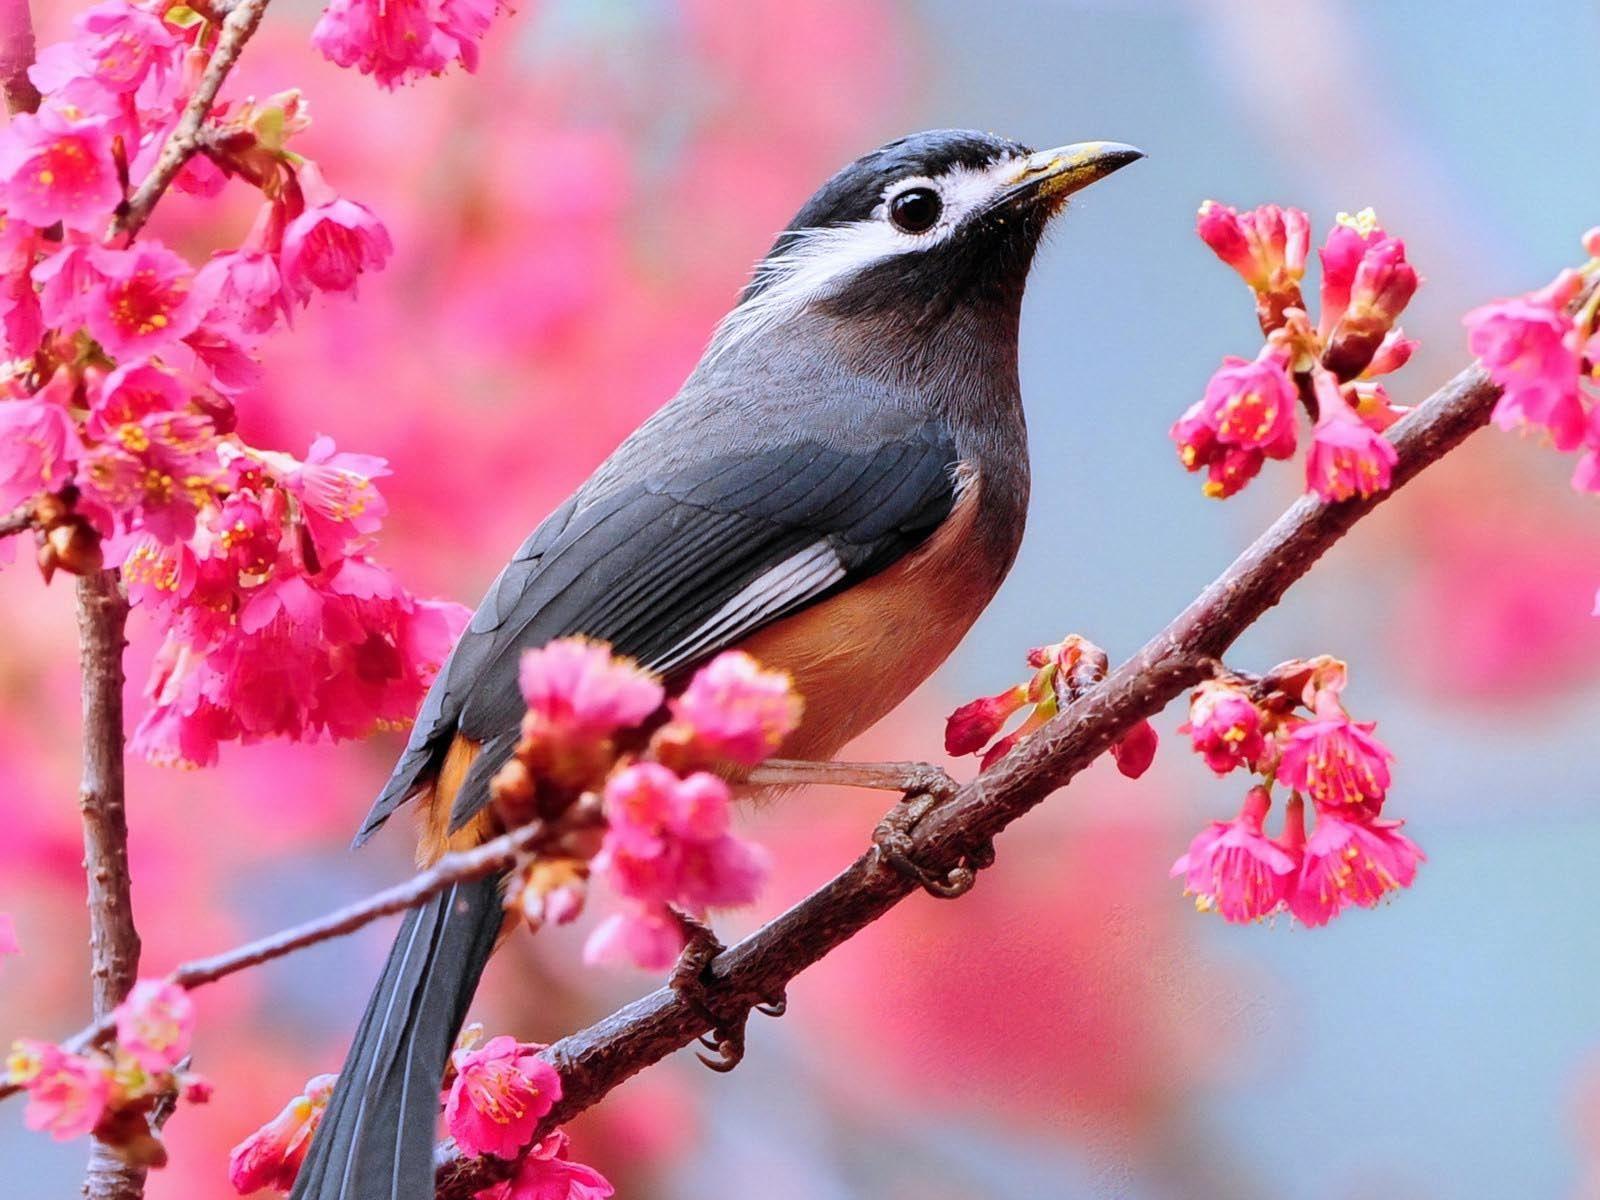 spring flowers and birds wallpaper wwwpixsharkcom